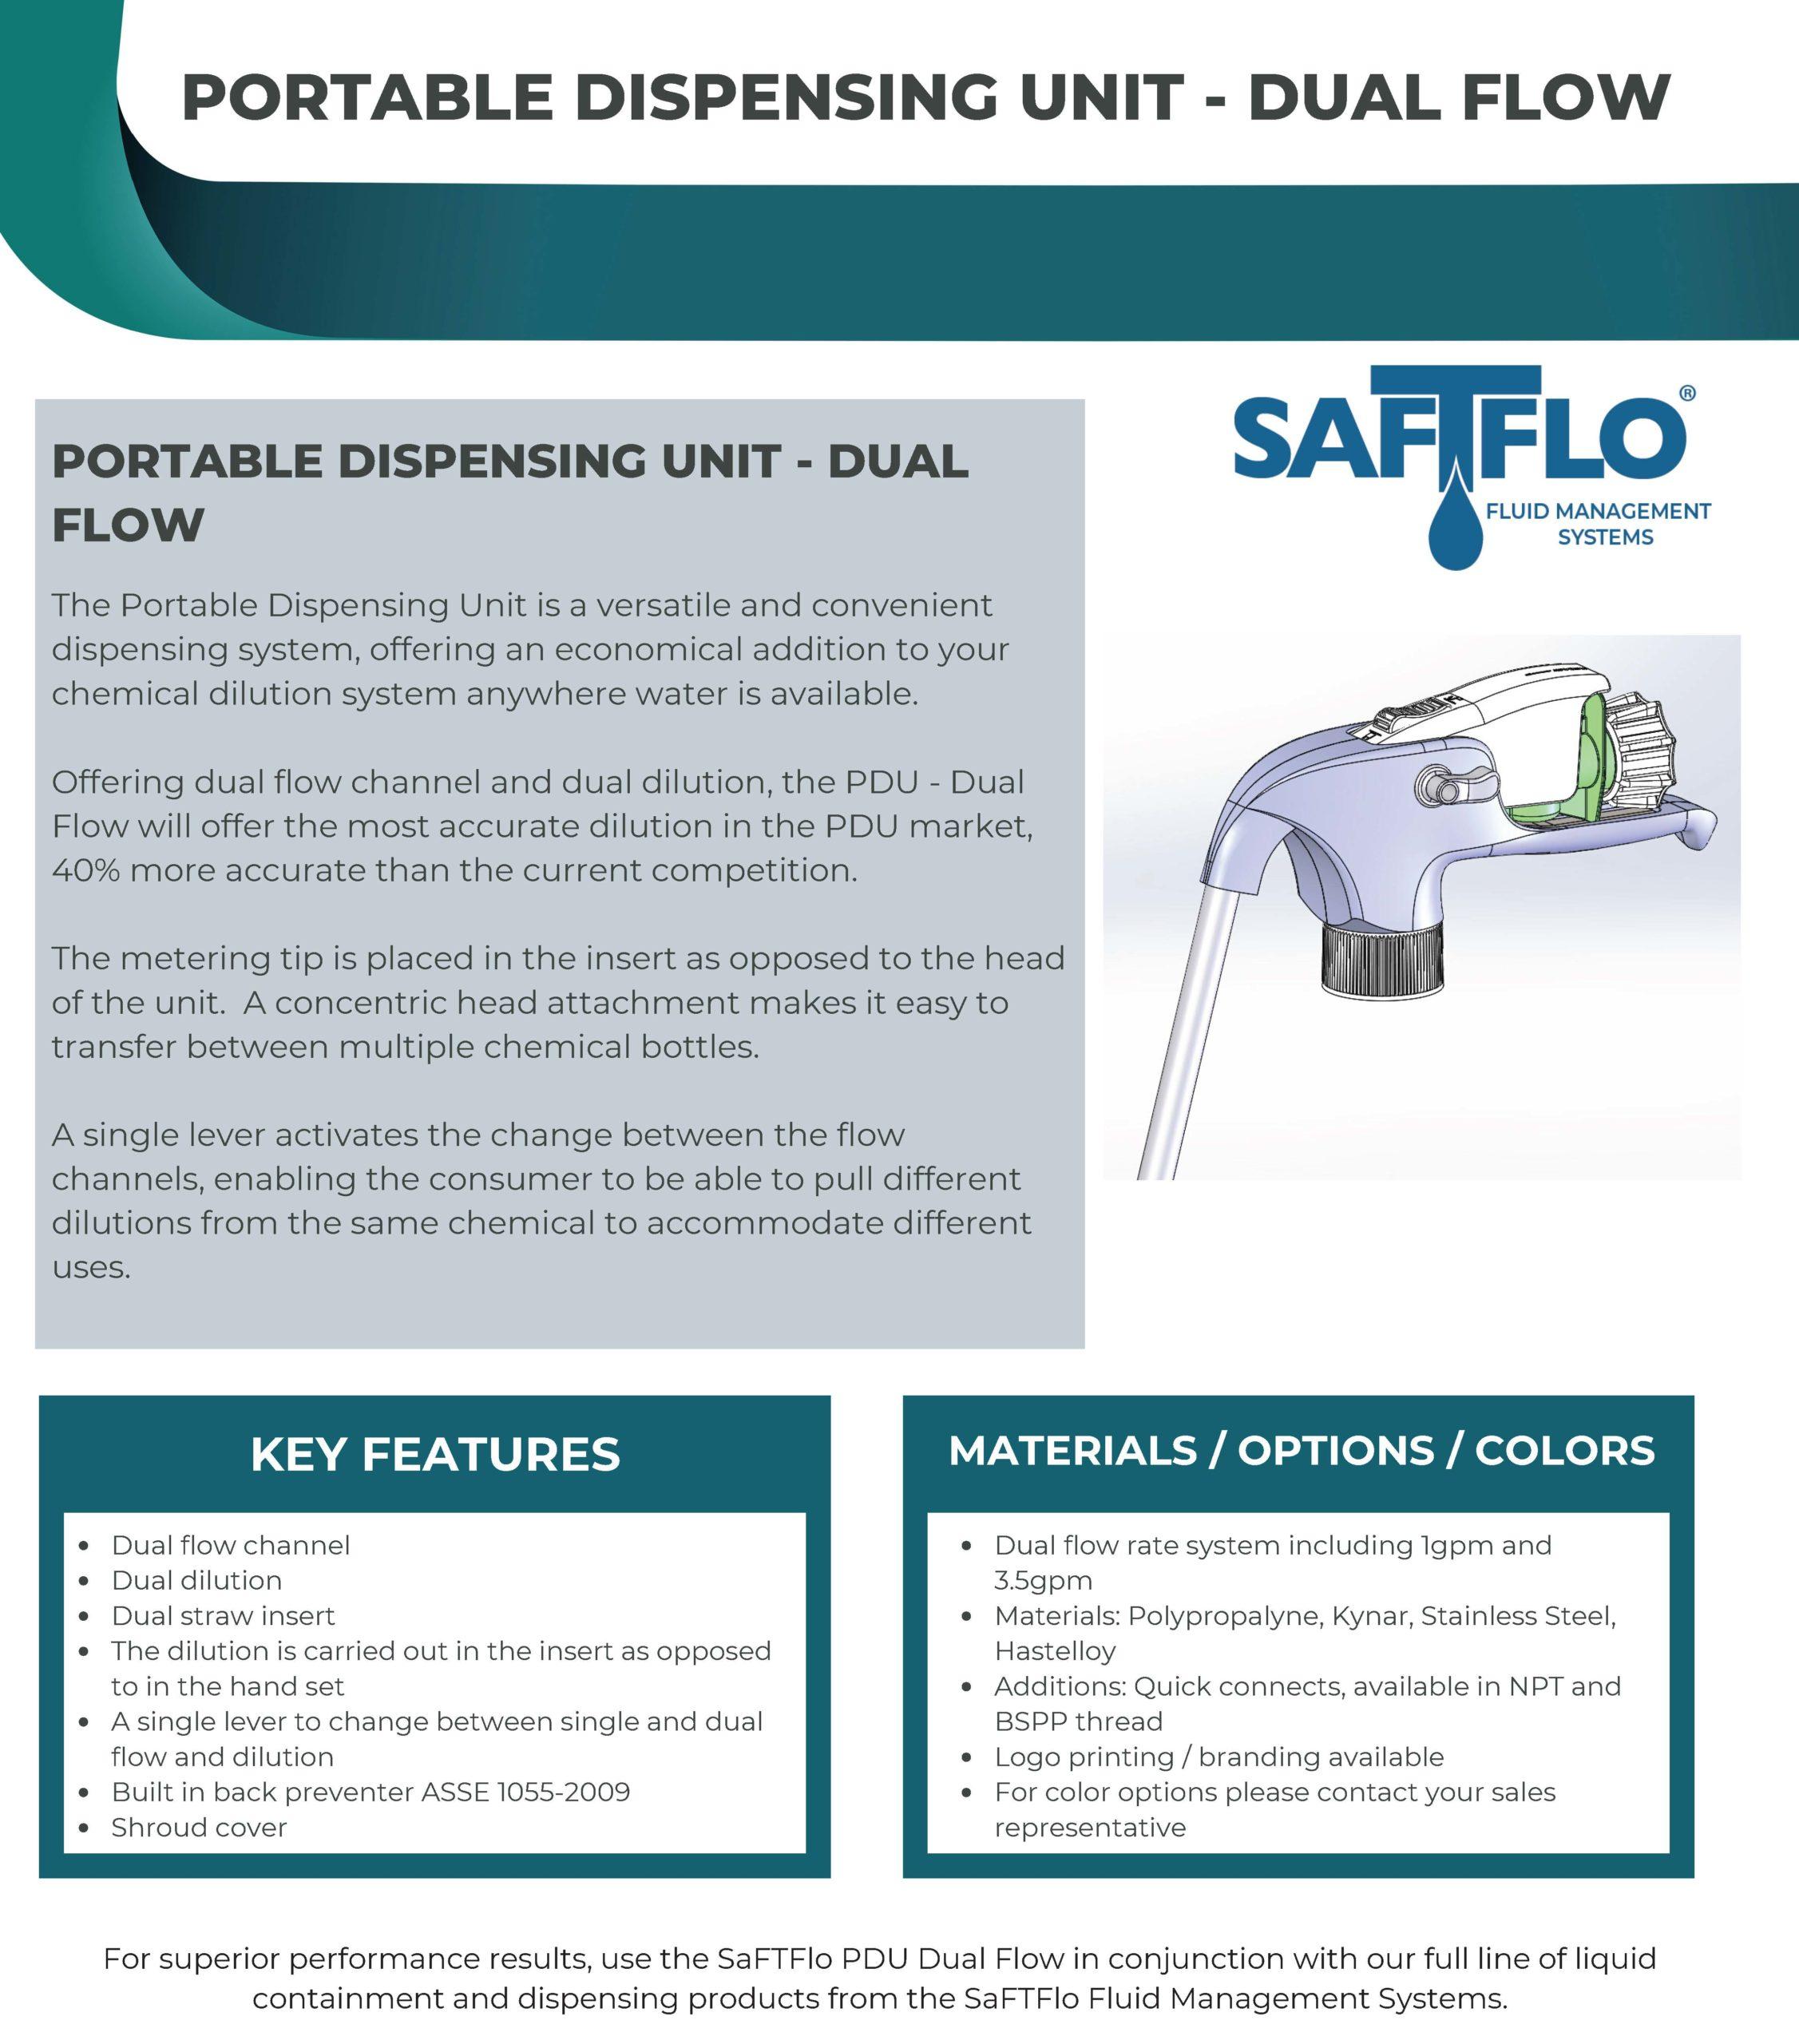 SafTflo Fluid Management System | Dual Flow PDU